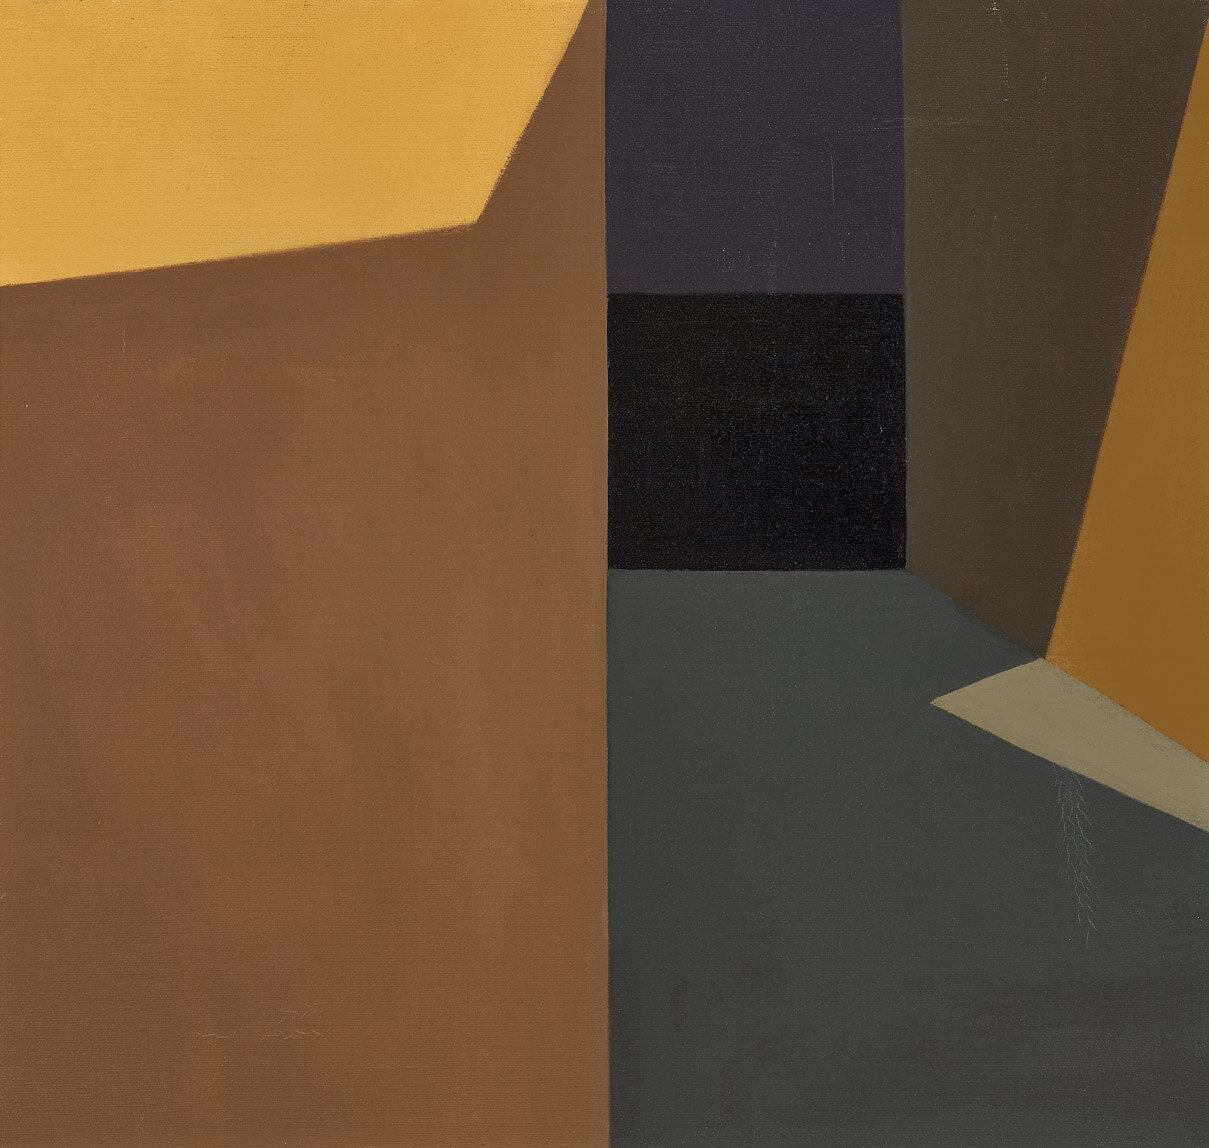 Dark Corridor , 1959  oil on canvas 20 x 21 inches; 50.8 x 53.3 centimeters